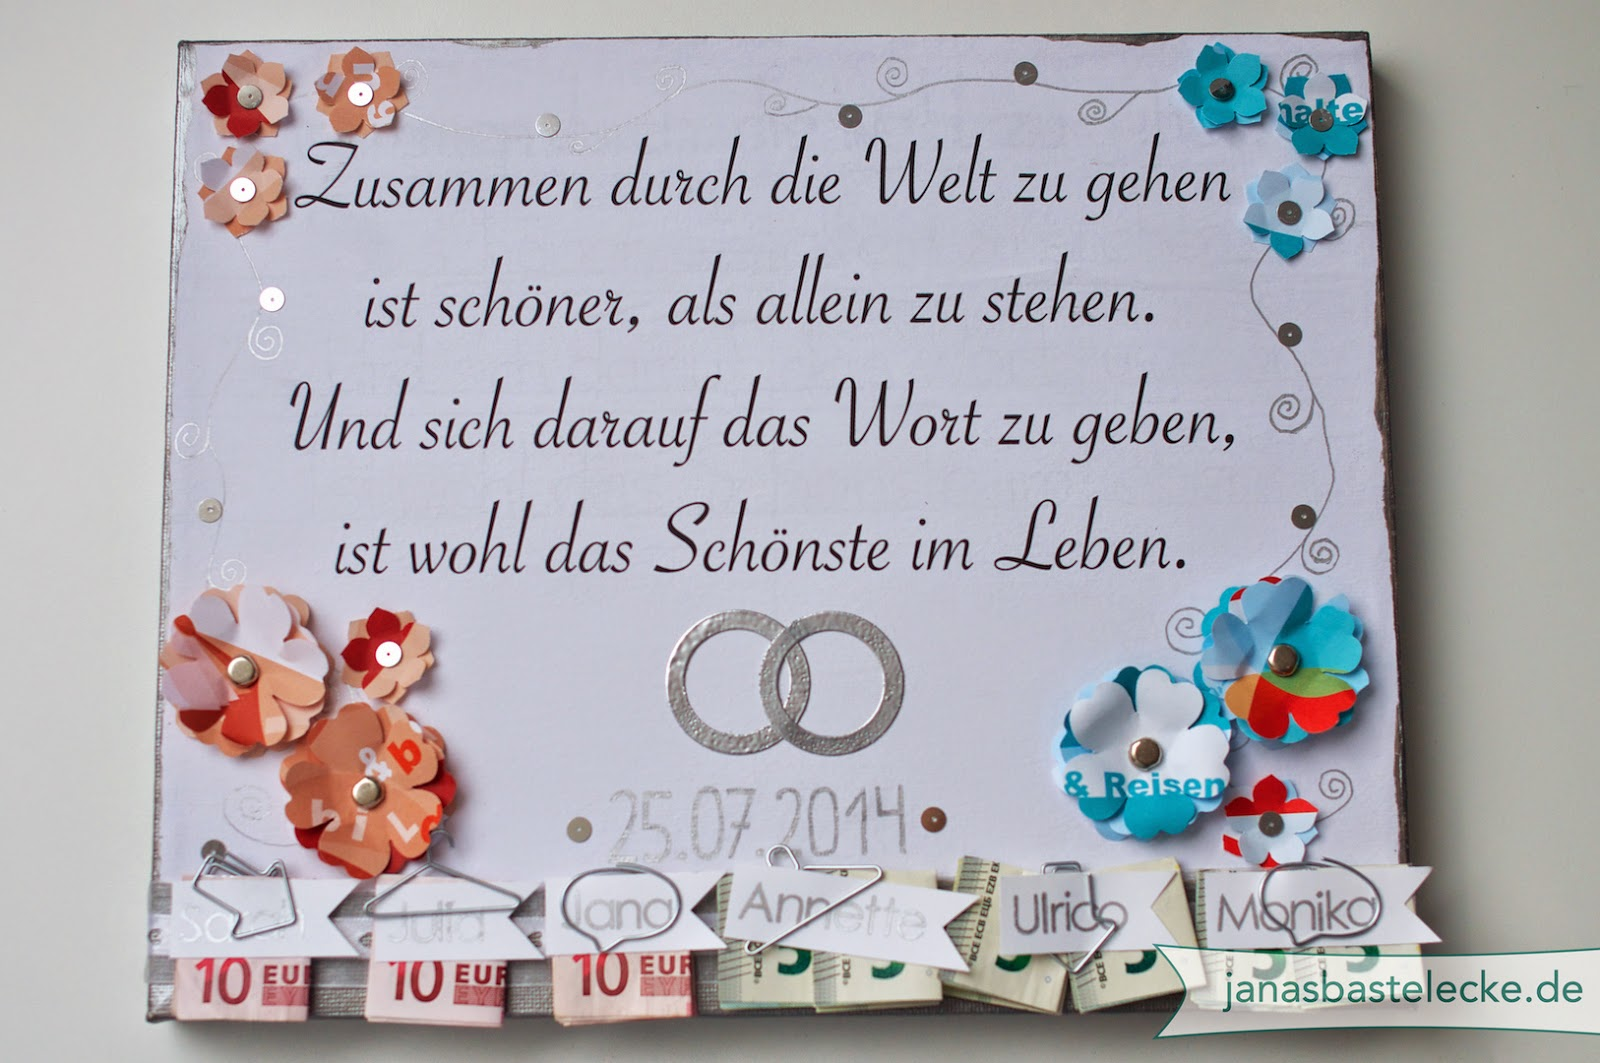 Leinwand Zur Hochzeit Graffiti Leinwand Als Hochzeitsgeschenk Eine